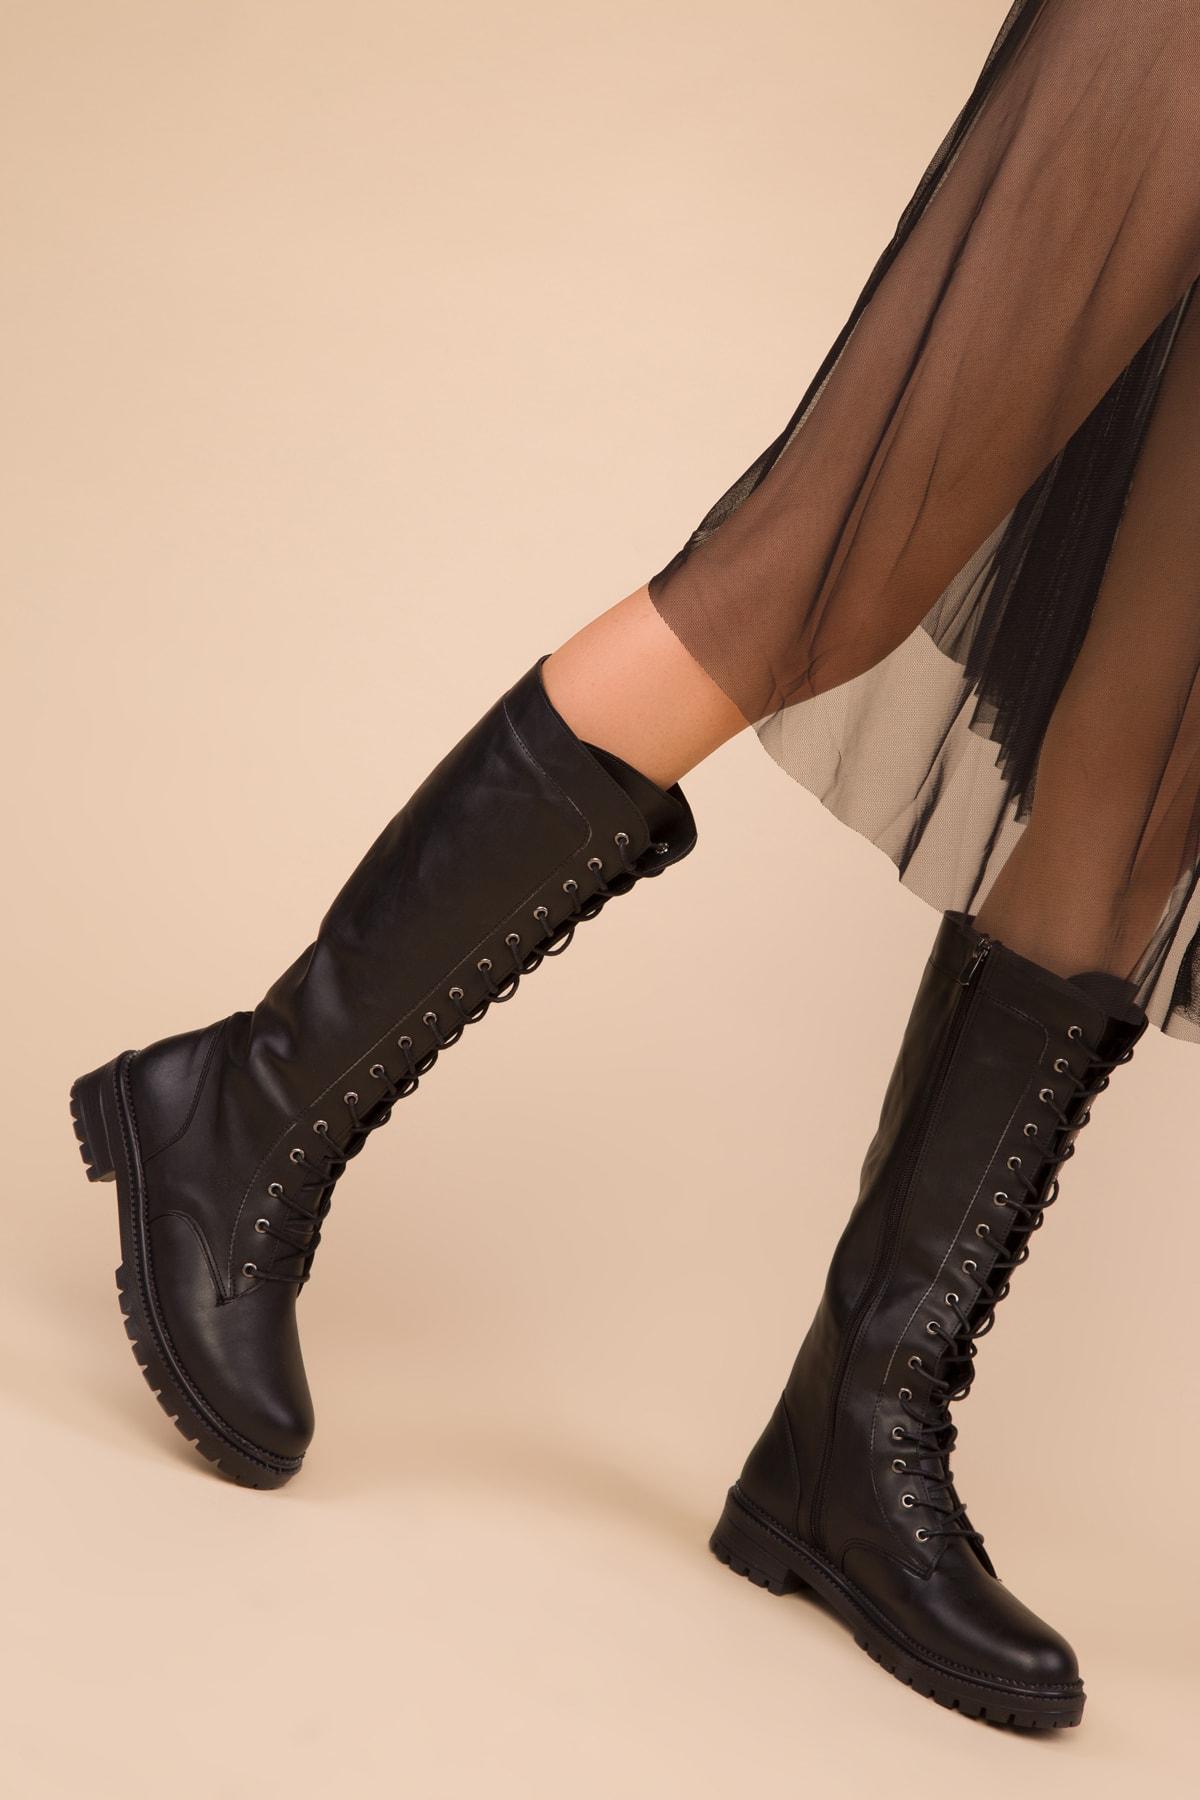 SOHO Siyah Kadın Çizme 15255 1